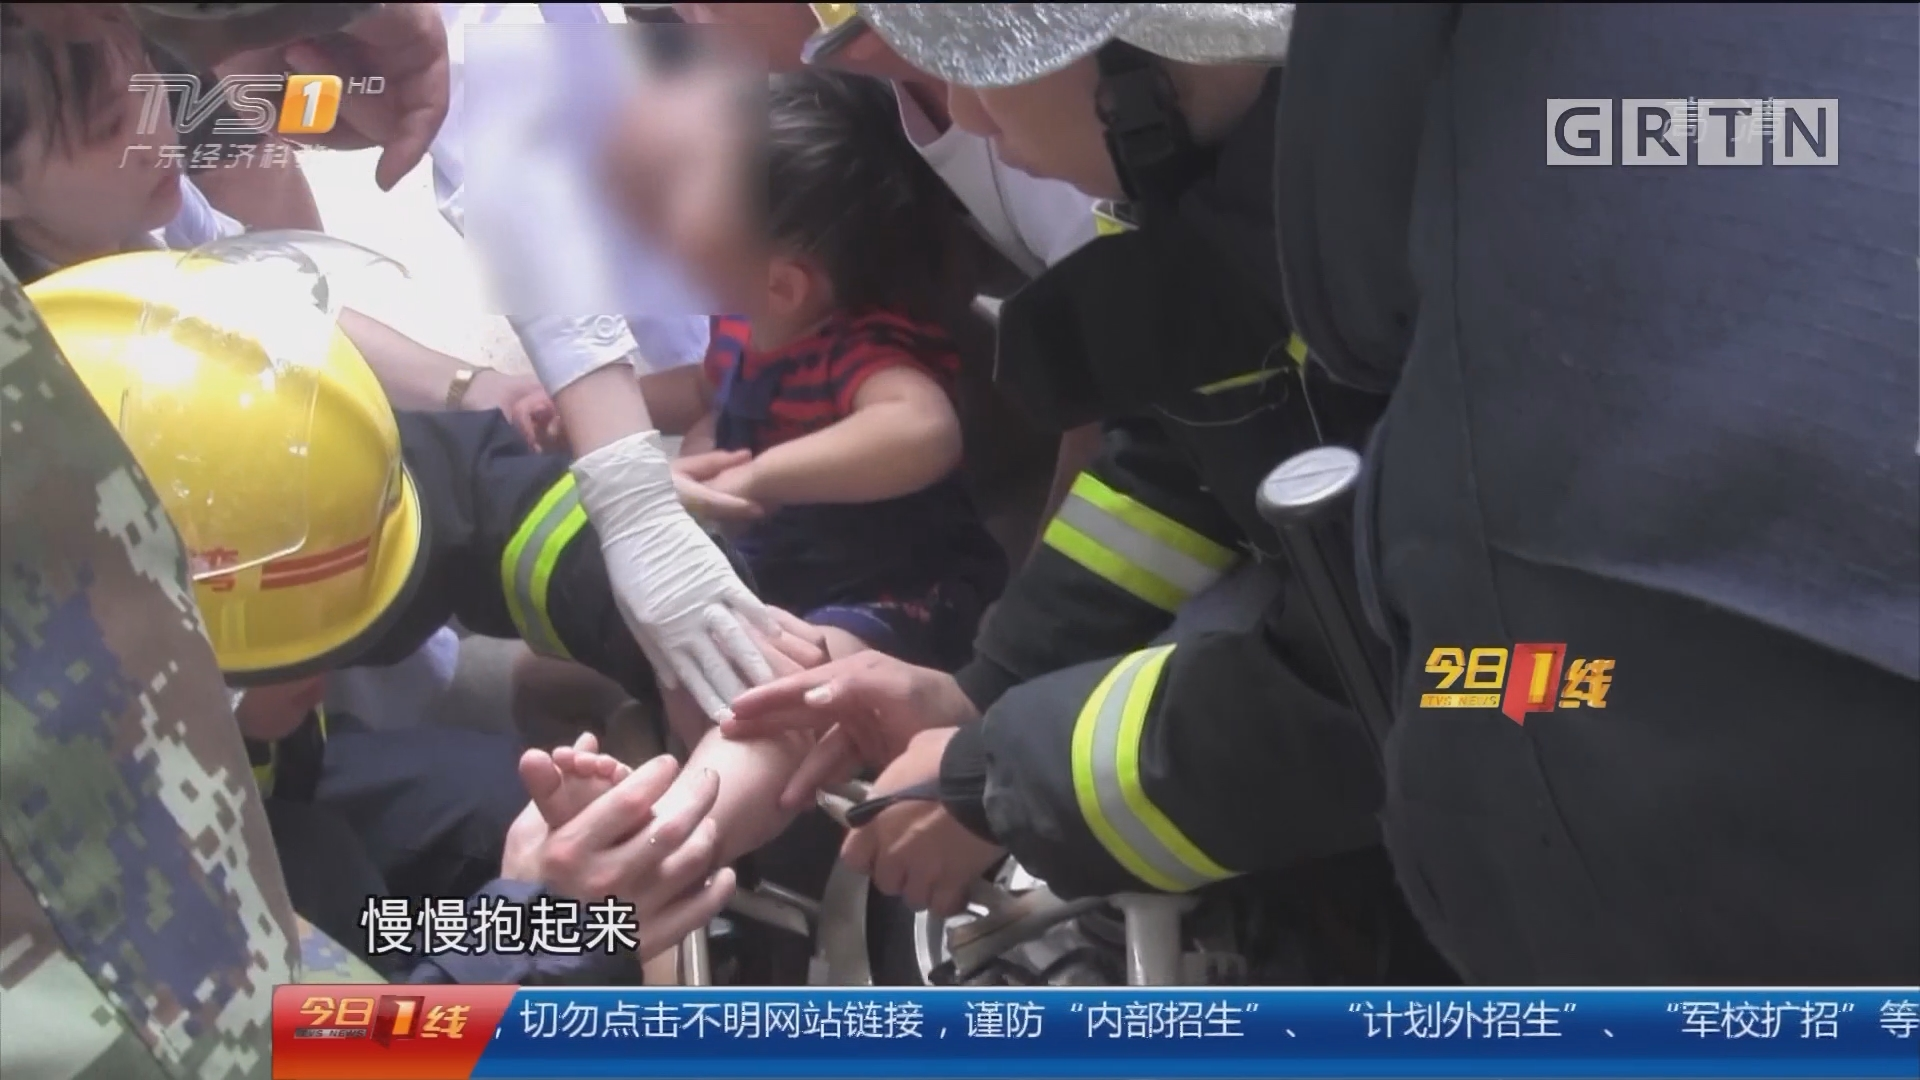 广州荔湾:小女孩脚卡电动车 消防员细心营救